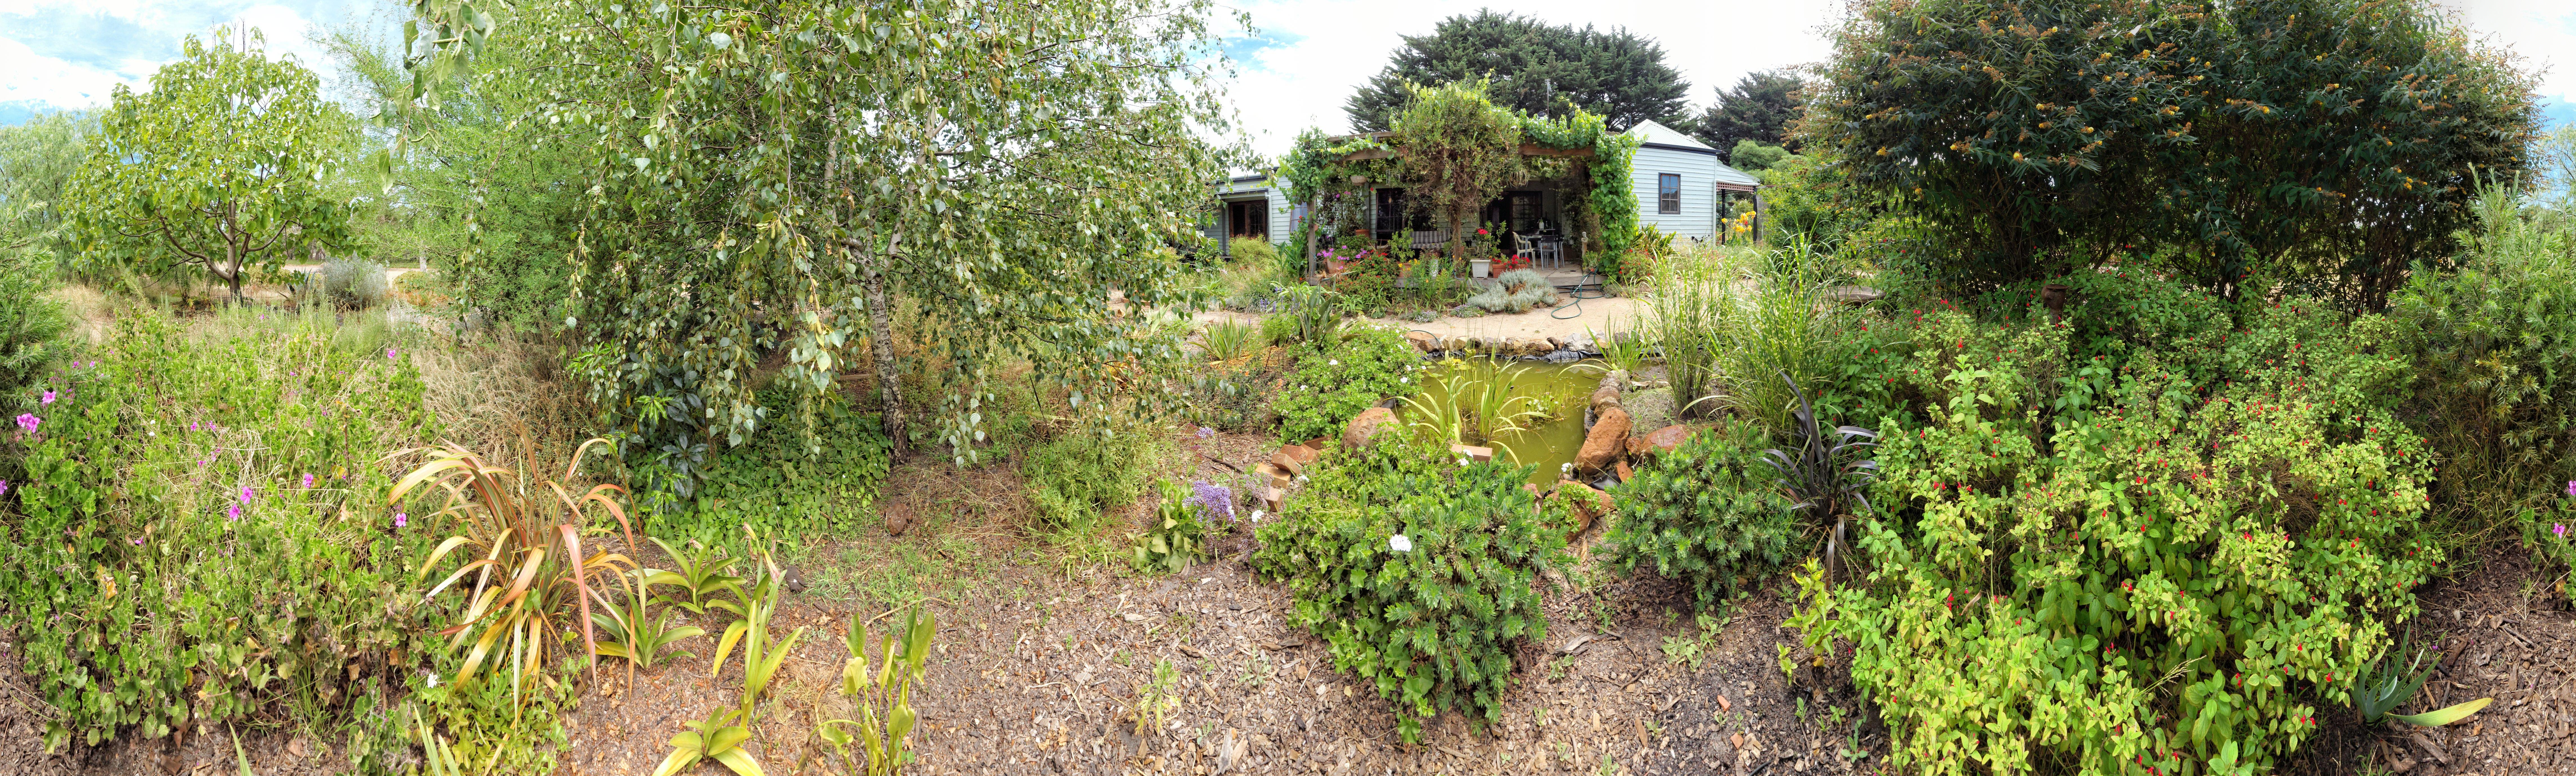 garden-centre-enblend-4.0.jpeg